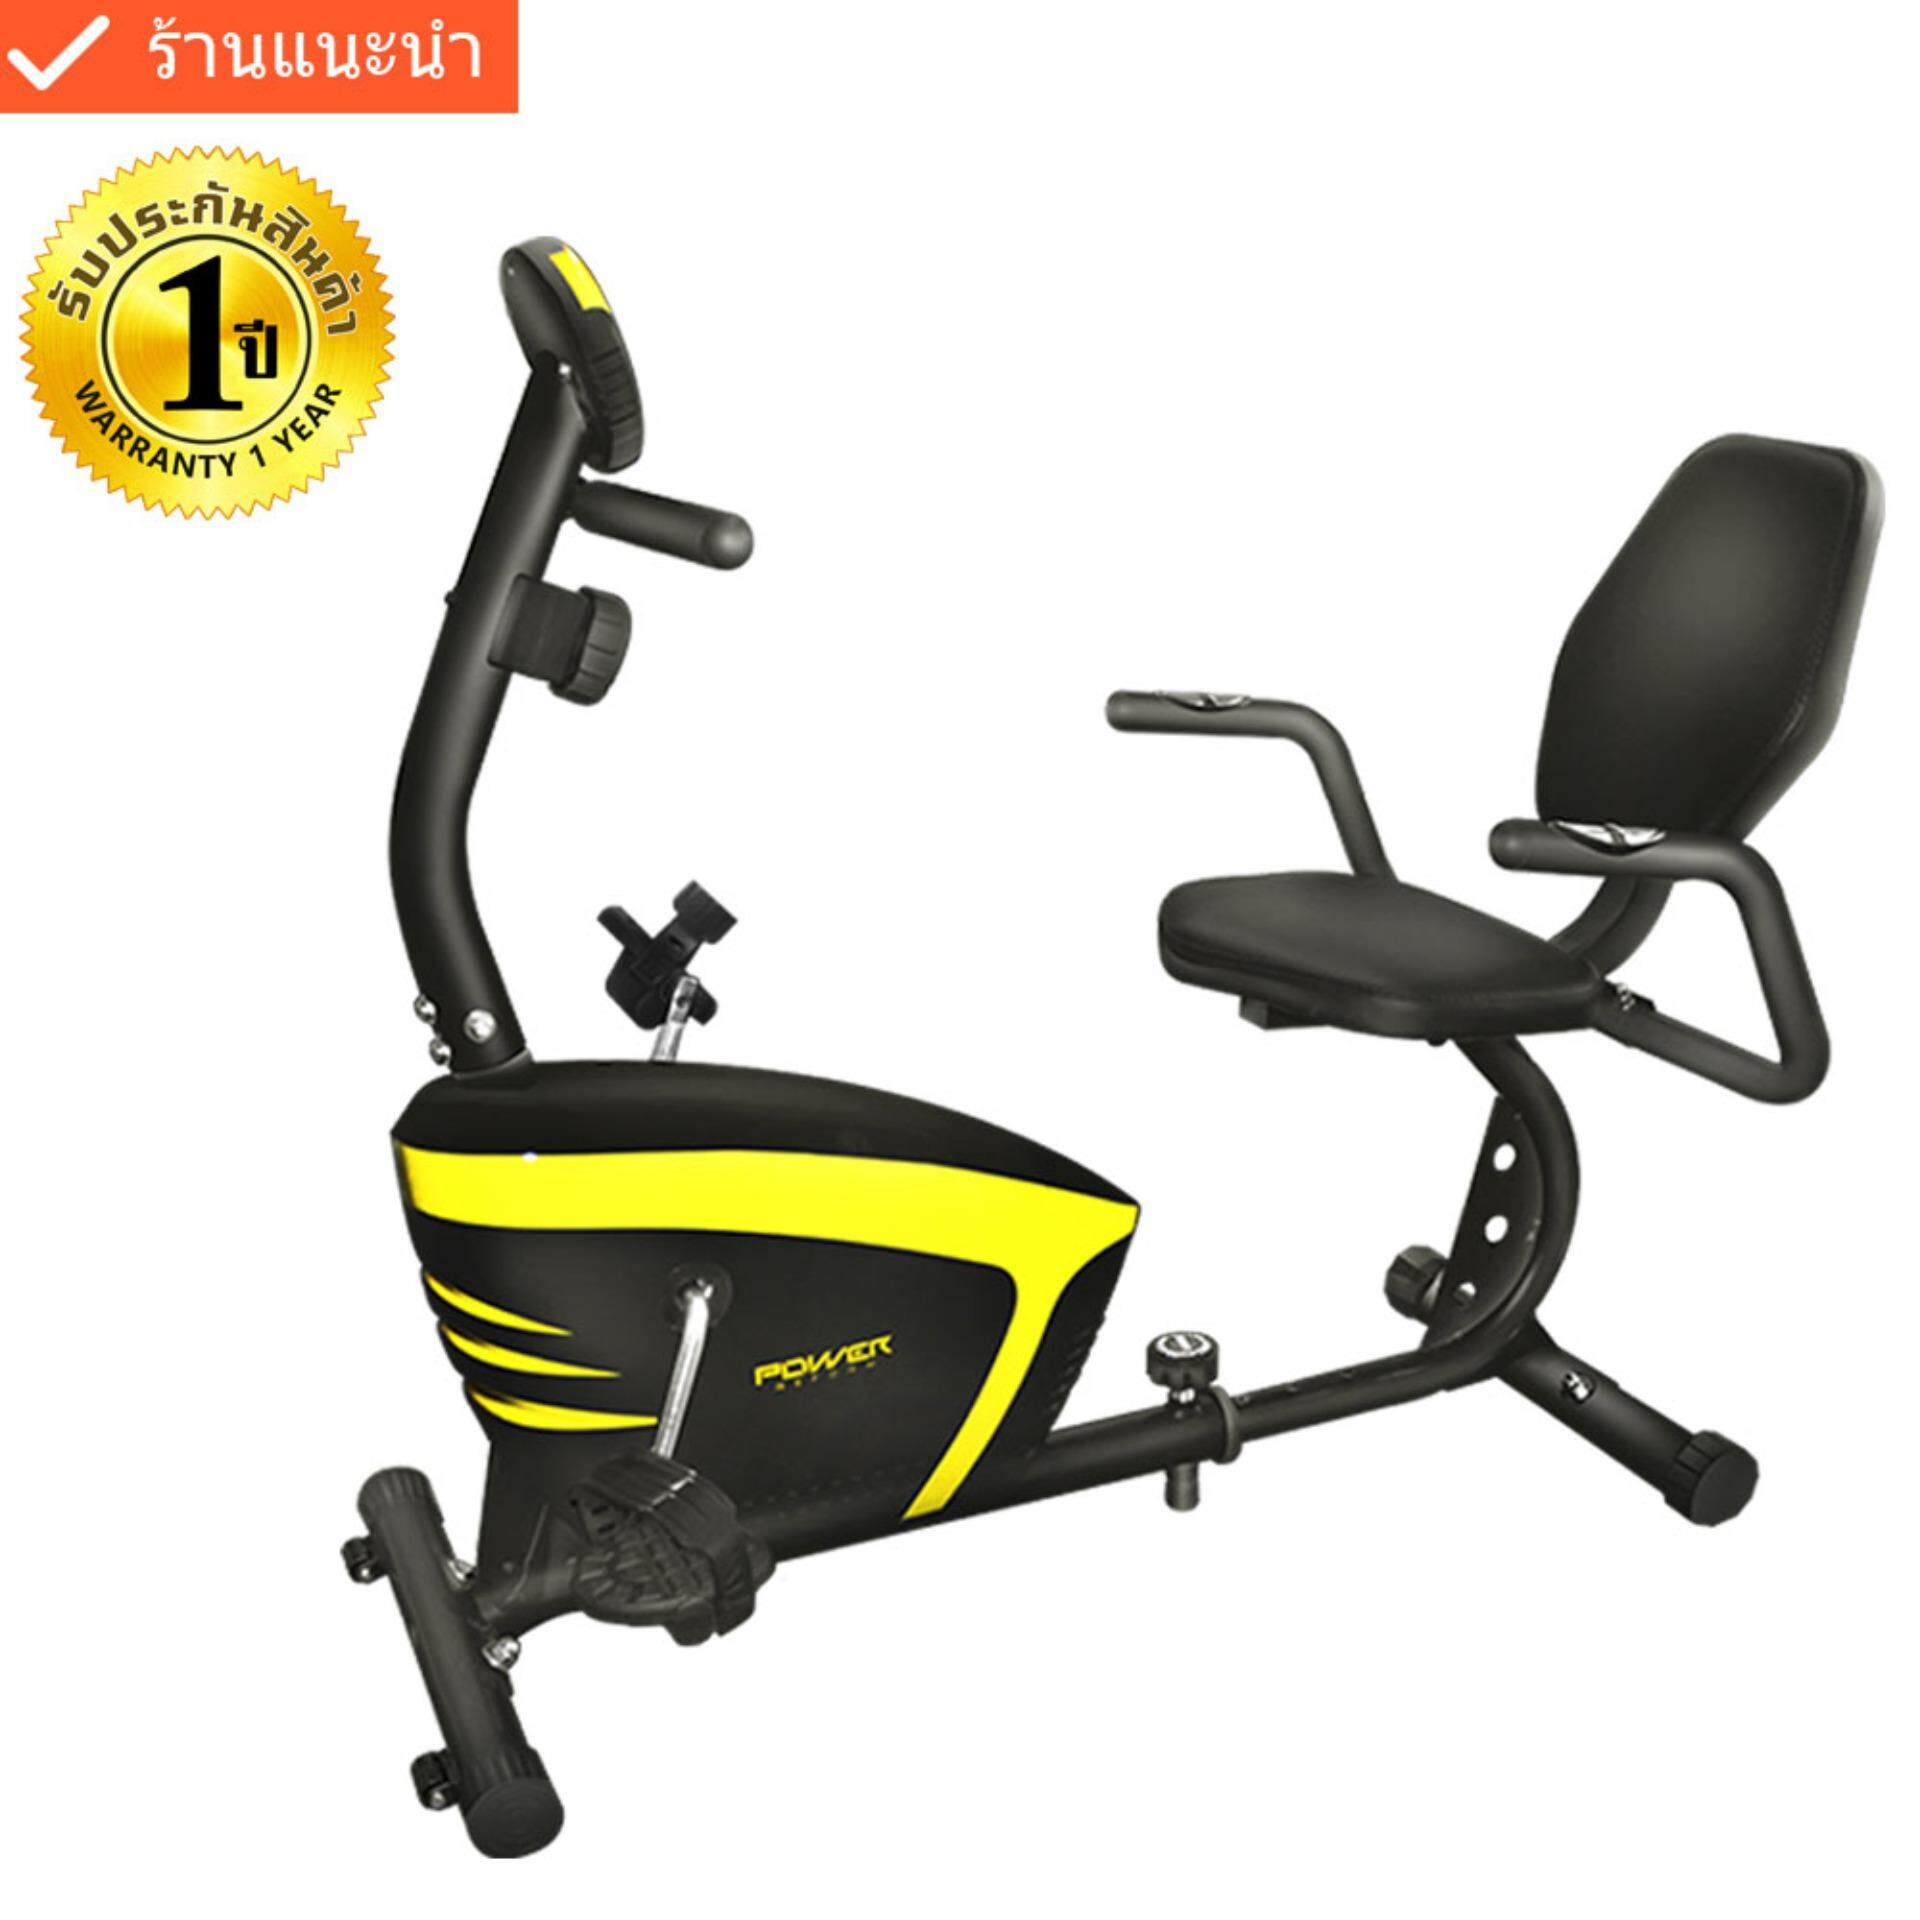 ขาย Power Reform จักรยานเอนปั่น นั่งปั่น นอนปั่น จักรยานออกกำลังกาย Recumbent Bike รุ่น Reactor 376L สีดำ ไทย